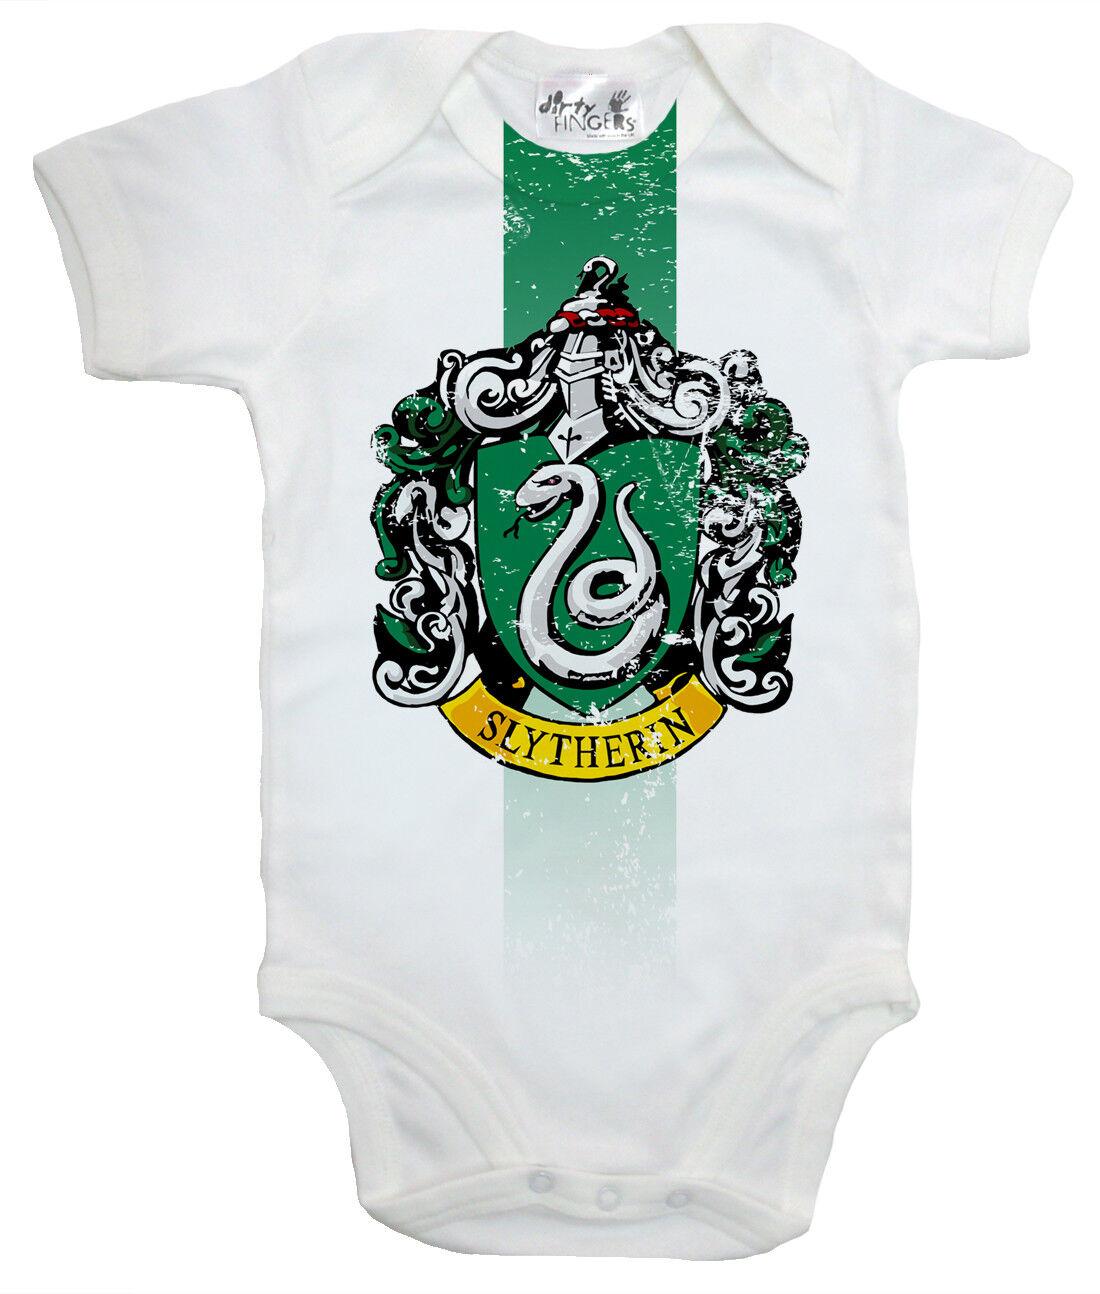 """Harry Potter Baby Body /"""" Slytherin House Crest /"""" Baby-Body Hogwarts"""